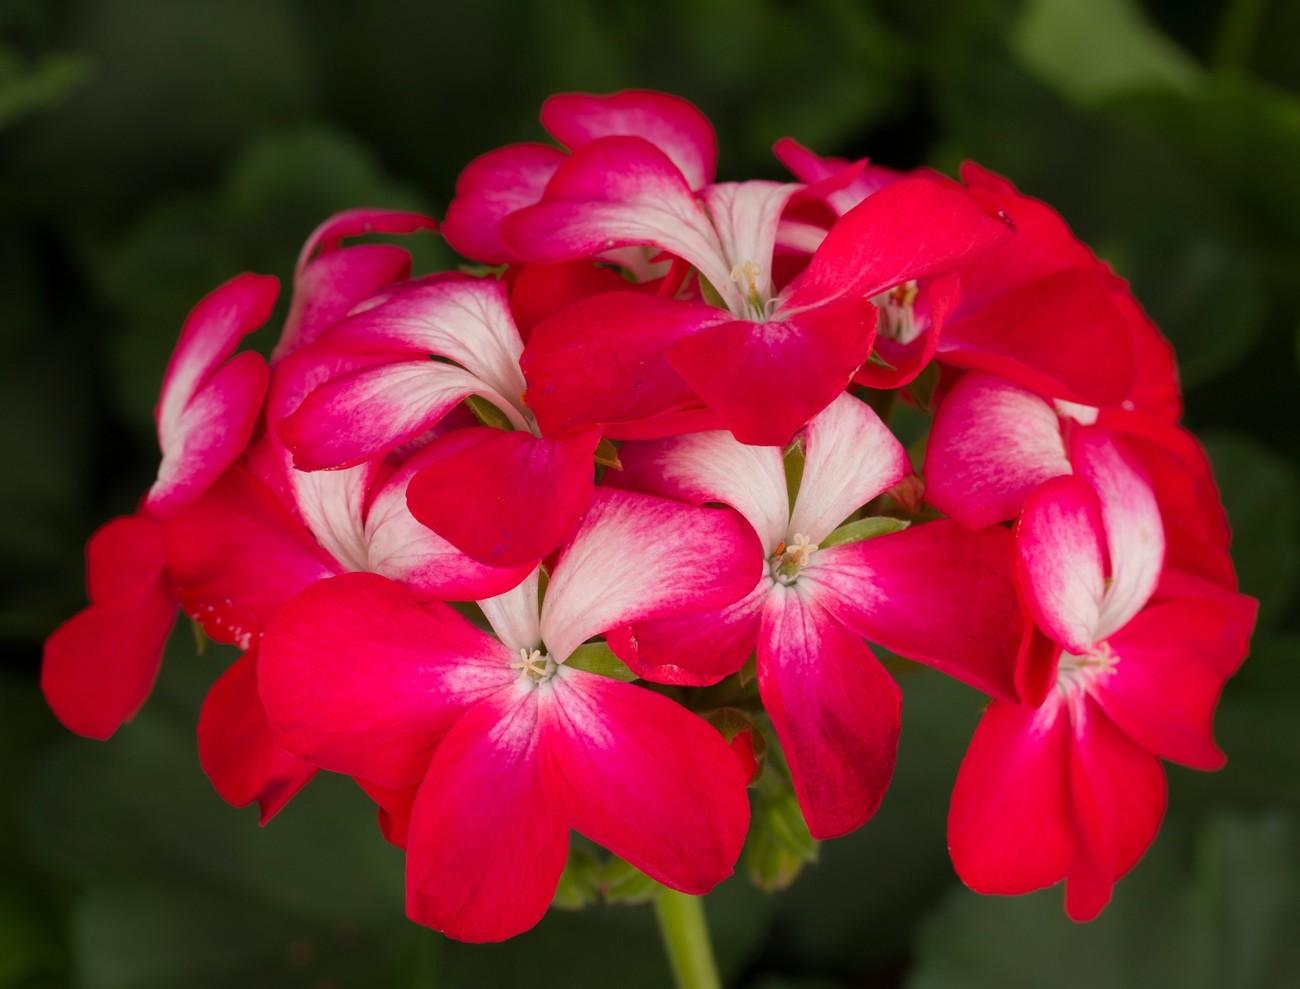 Geranium 'Tango Cherry bicolor'